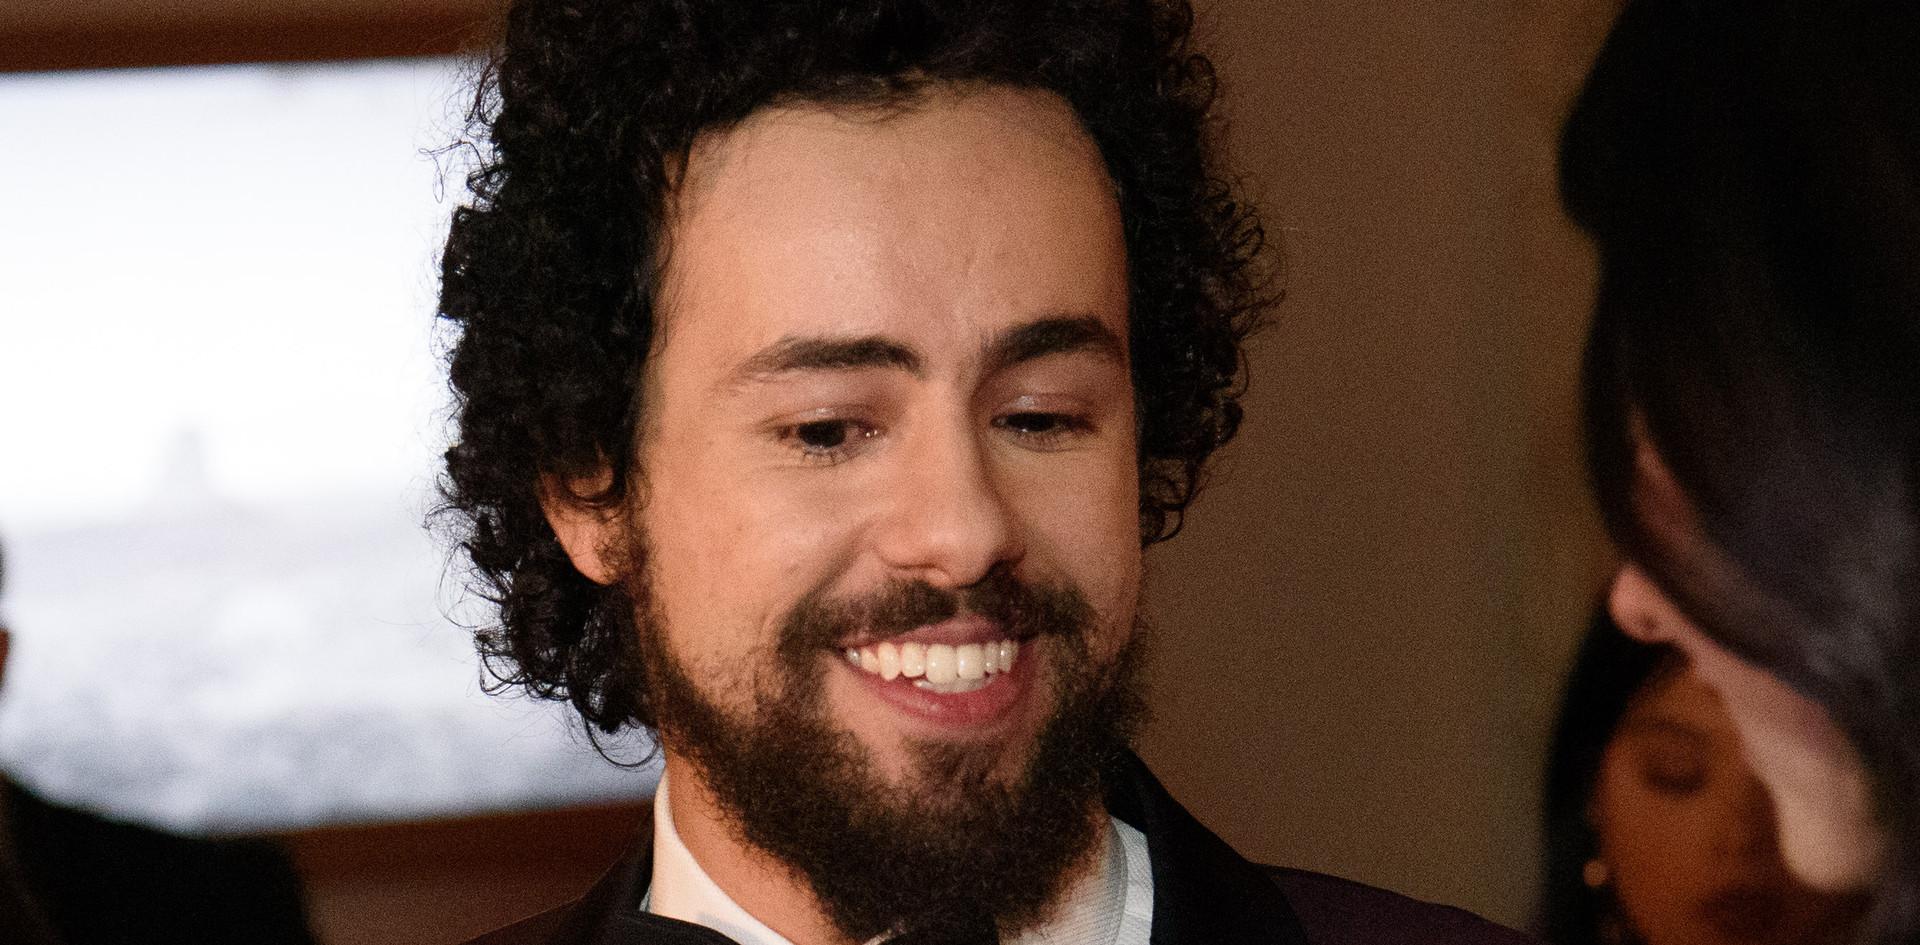 Ramy Youssef a gravar o seu Golden Globe na Sala do After Party Media (Festa depois da Entrega dos Golden Globes) do 76th Annual Golden Globes Awards no Beverly Hilton em Beverly Hills, CA. Photographer: HFPA Photographer